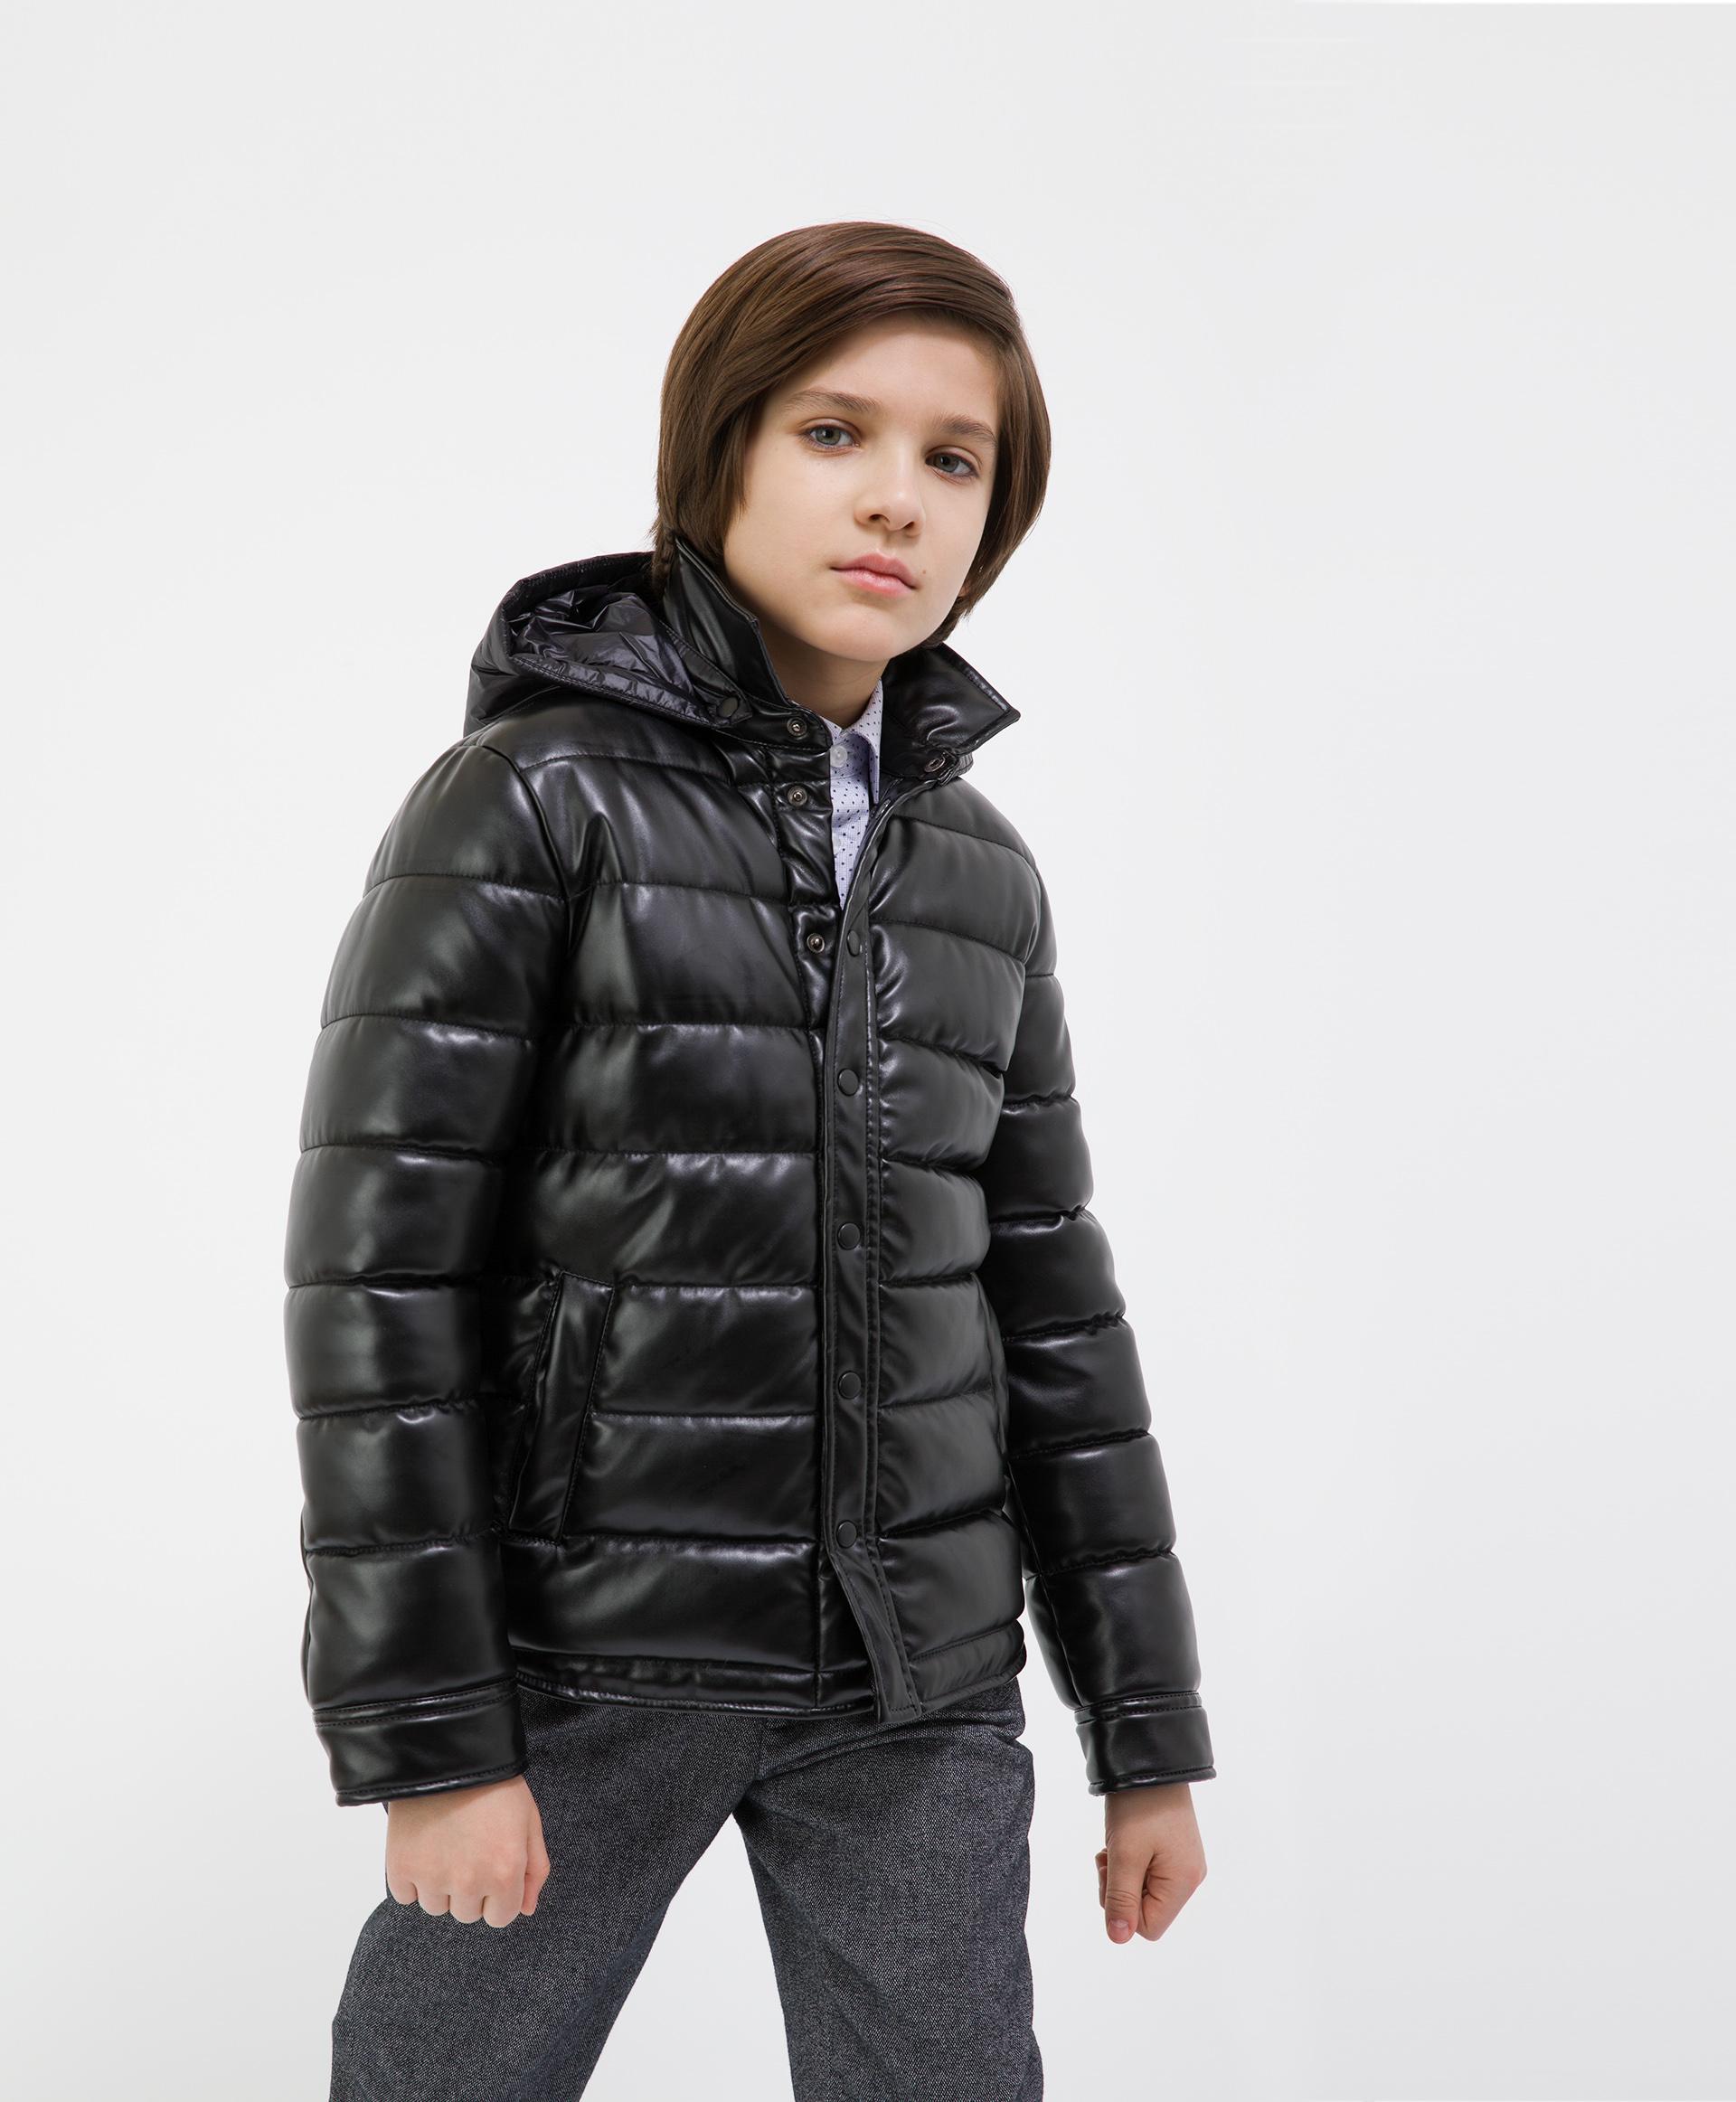 Купить 221GSBC4101, Куртка черная демисезонная Gulliver, 158, Мужской, ШКОЛЬНАЯ ФОРМА 2021-2022 (shop: GulliverMarket Gulliver Market)